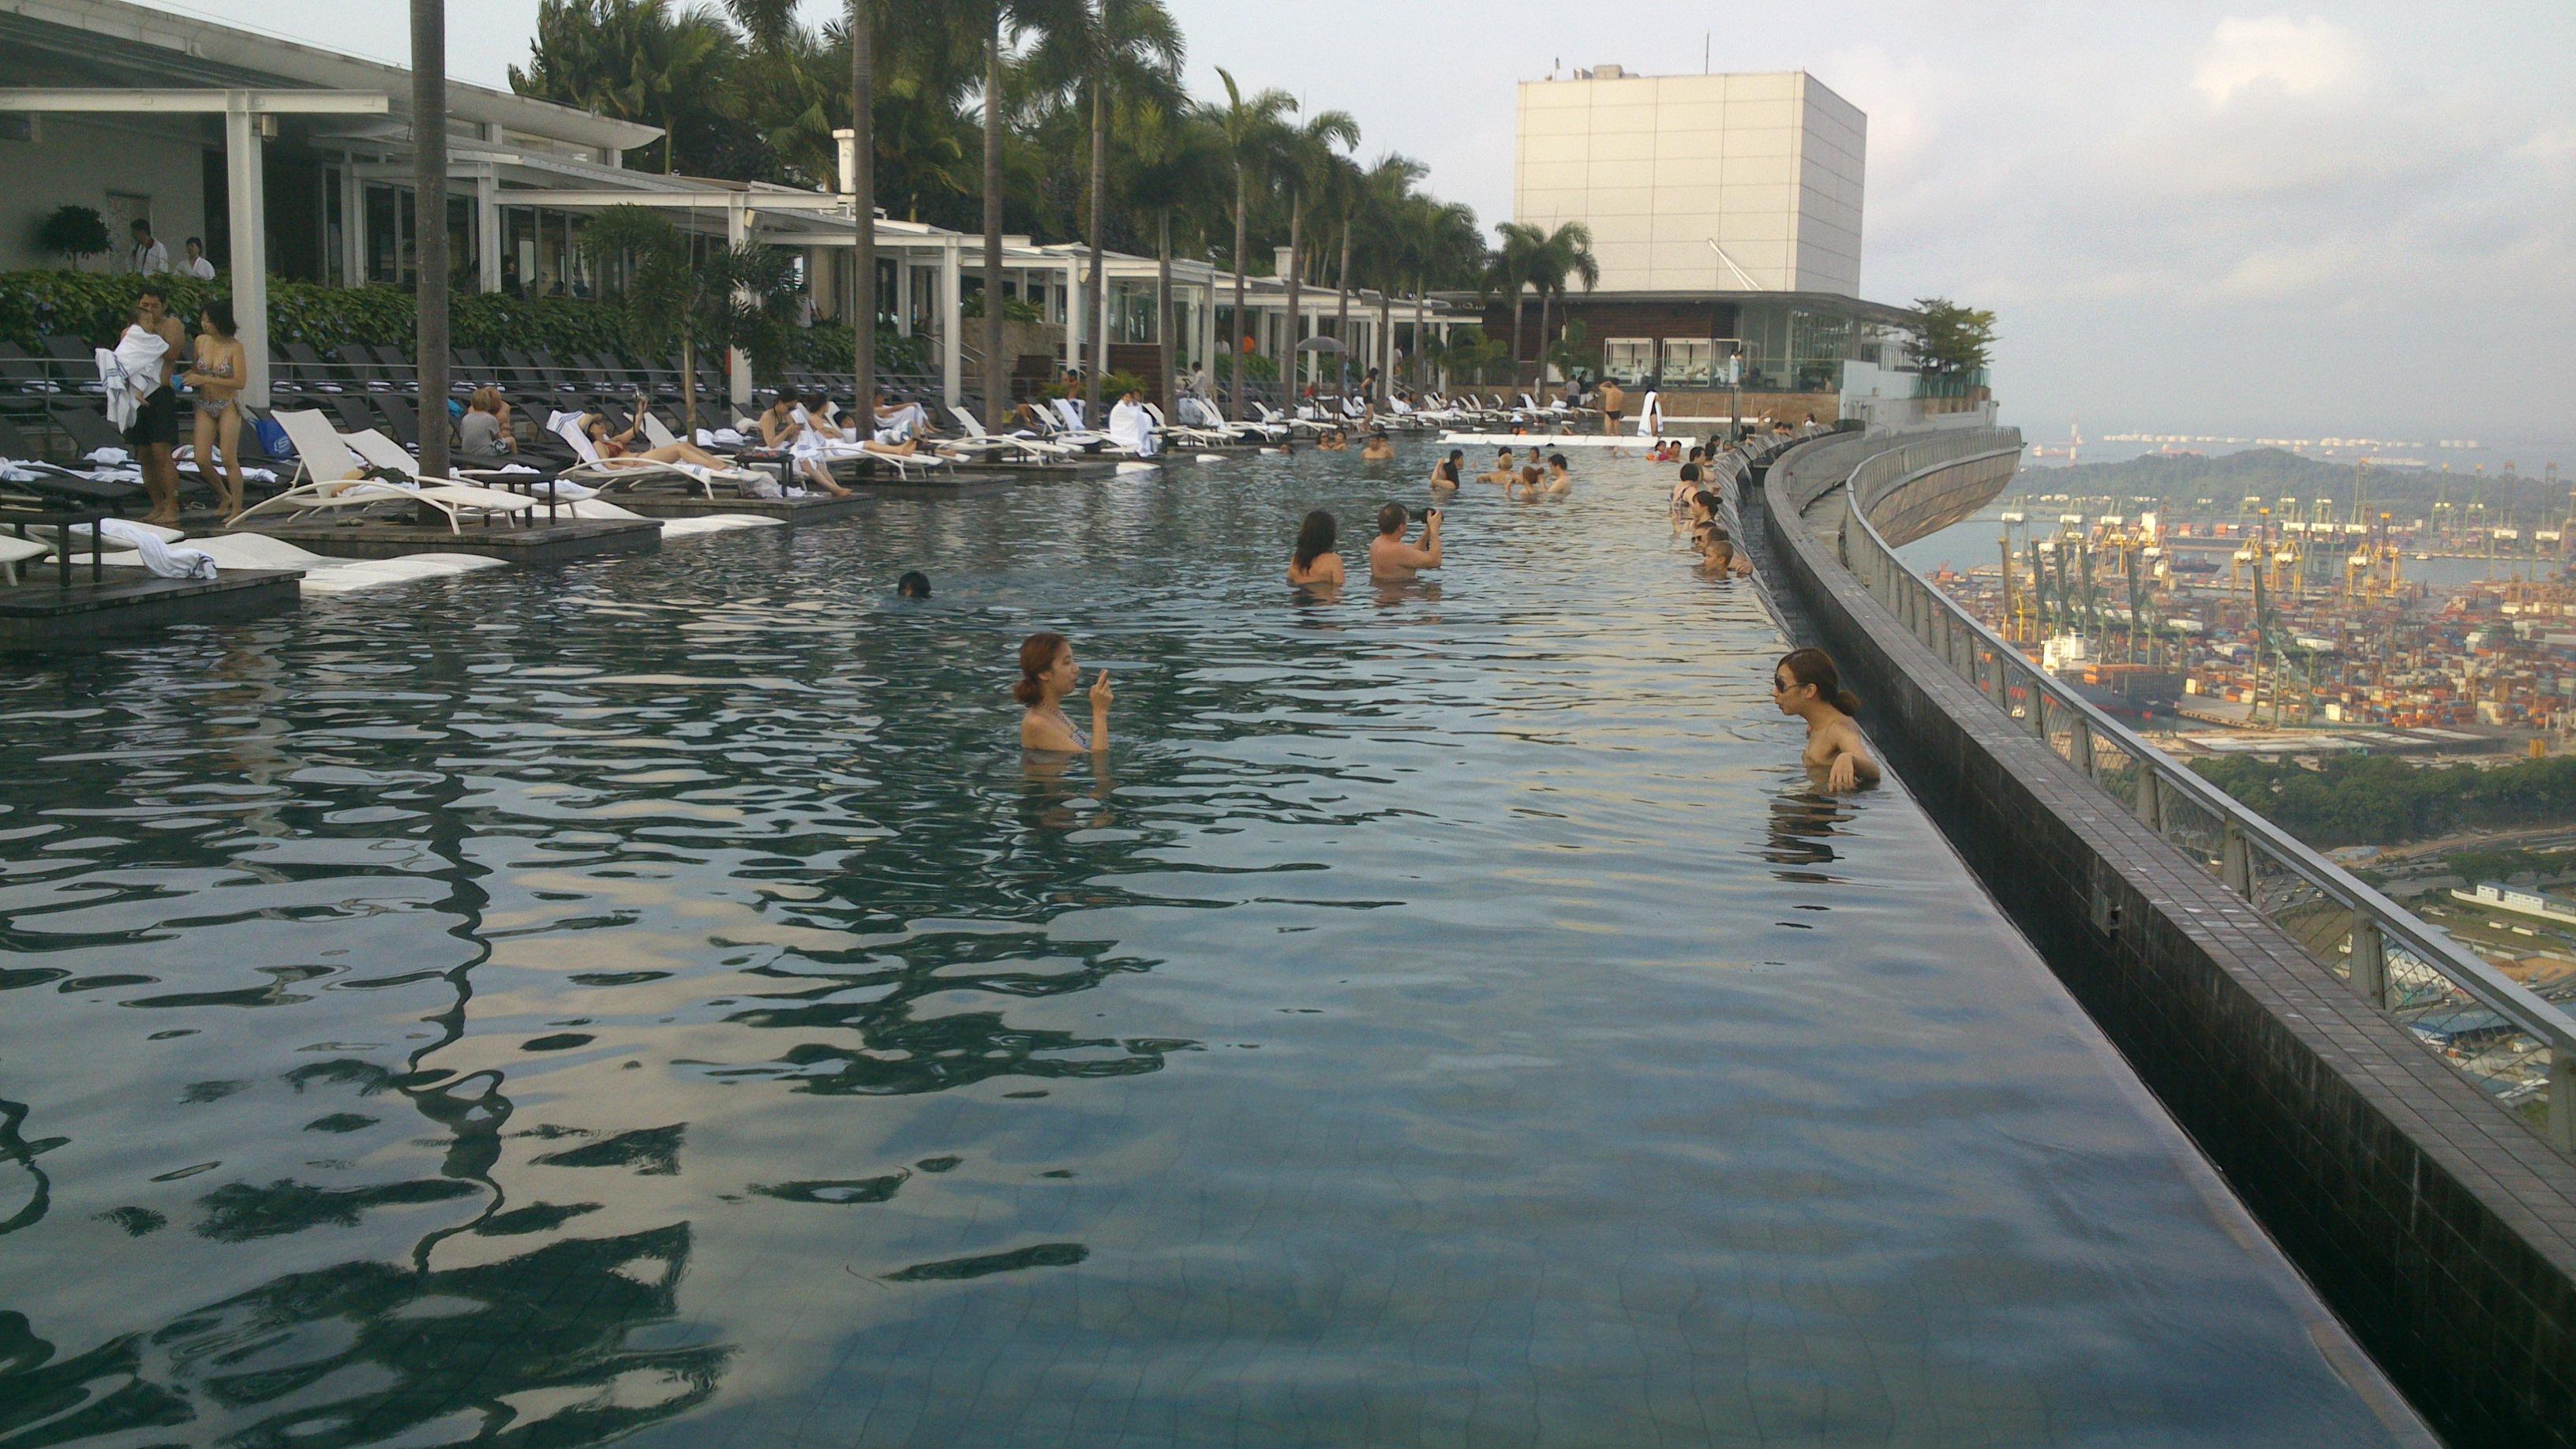 singapore(新加坡滨海湾金沙